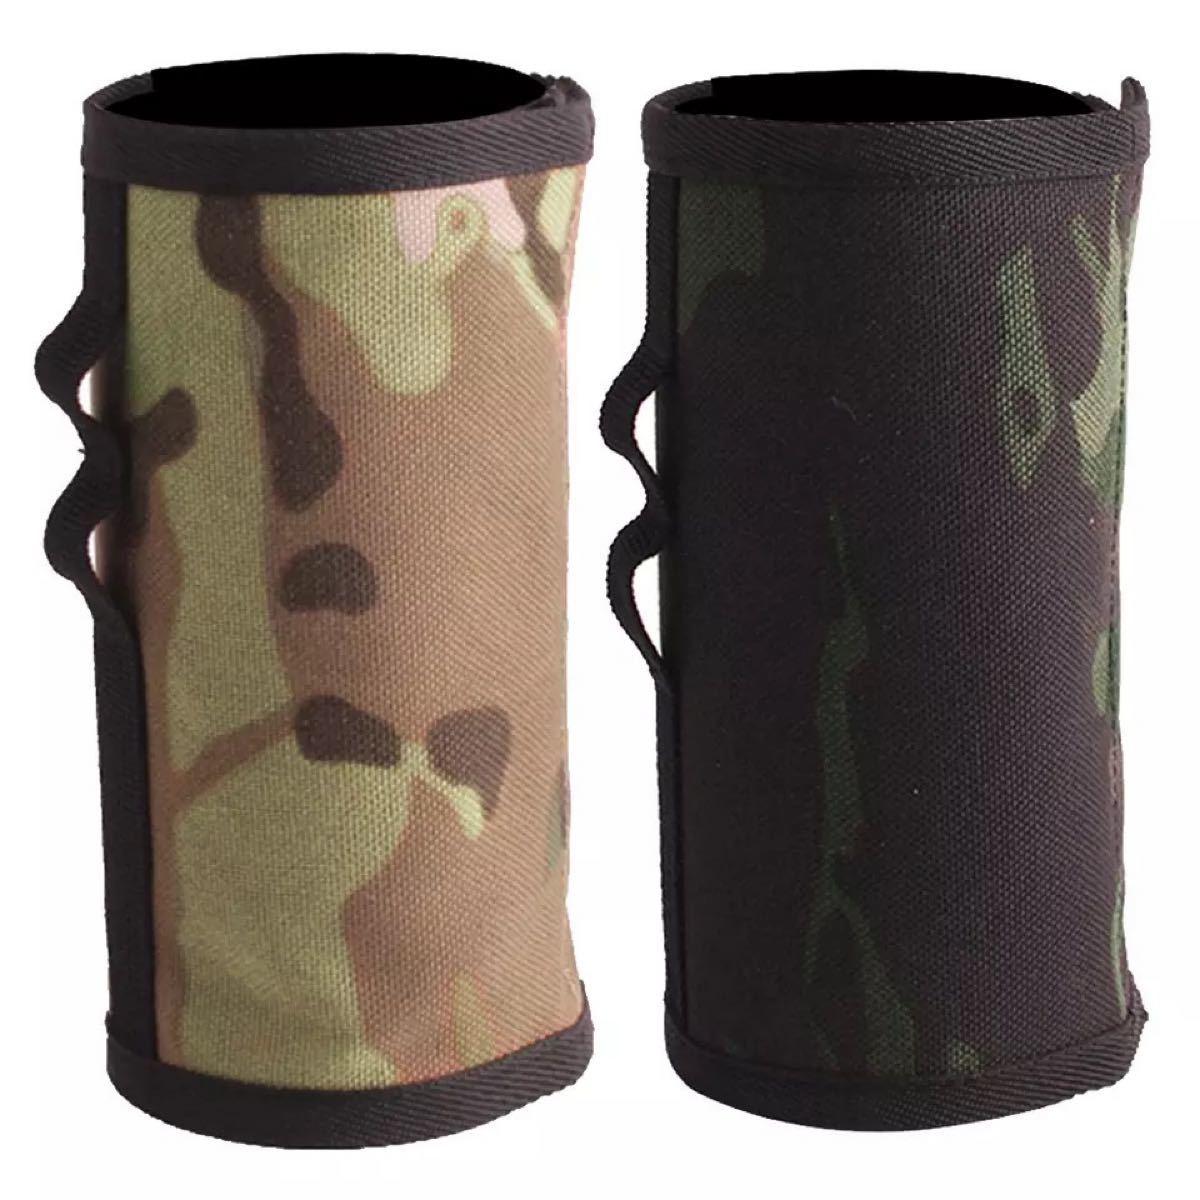 CB缶(カセットボンベ)用のガス缶カバー、明るい迷彩と暗い迷彩の2枚セット